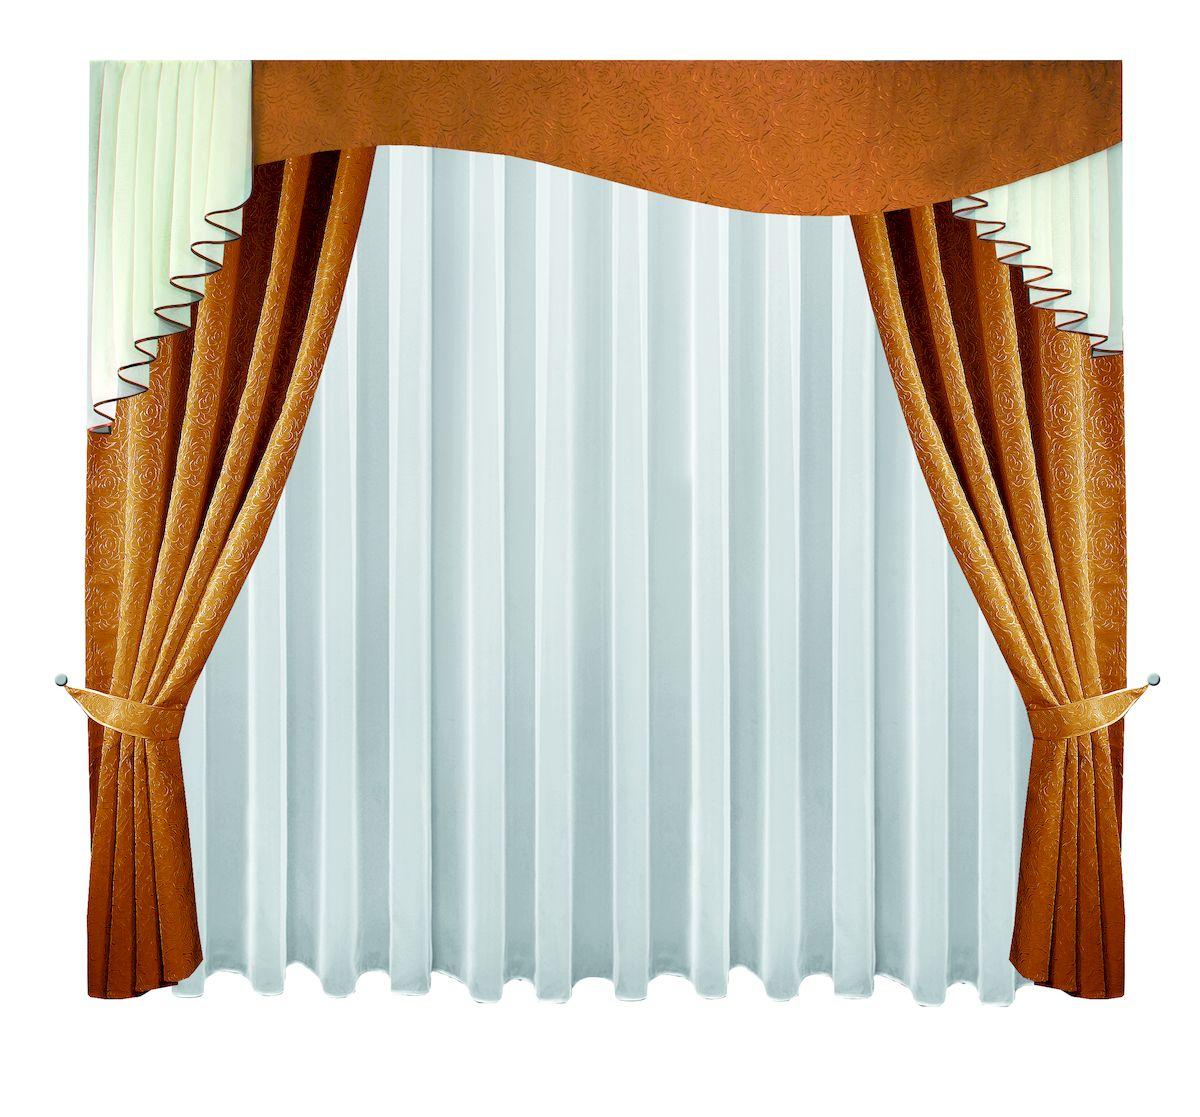 Комплект штор Zlata Korunka, на ленте, цвет: шоколадный, высота 250 см. 6662766627Комплект штор Zlata Korunka, выполненный из полиэстера, великолепно украсит любое окно. Комплект состоит из тюля, ламбрекена, двух штор и двух подхватов. Изящный узор и приятная цветовая гамма привлекут к себе внимание и органично впишутся в интерьер помещения. Этот комплект будет долгое время радовать вас и вашу семью! Комплект крепится на карниз при помощи ленты, которая поможет красиво и равномерно задрапировать верх. В комплект входит: Тюль: 1 шт. Размер (Ш х В): 400 см х 250 см. Ламбрекен: 1 шт. Размер (Ш х В): 300 см х 100 см. Штора: 2 шт. Размер (Ш х В): 138 см х 250 см. Подхват: 2 шт.